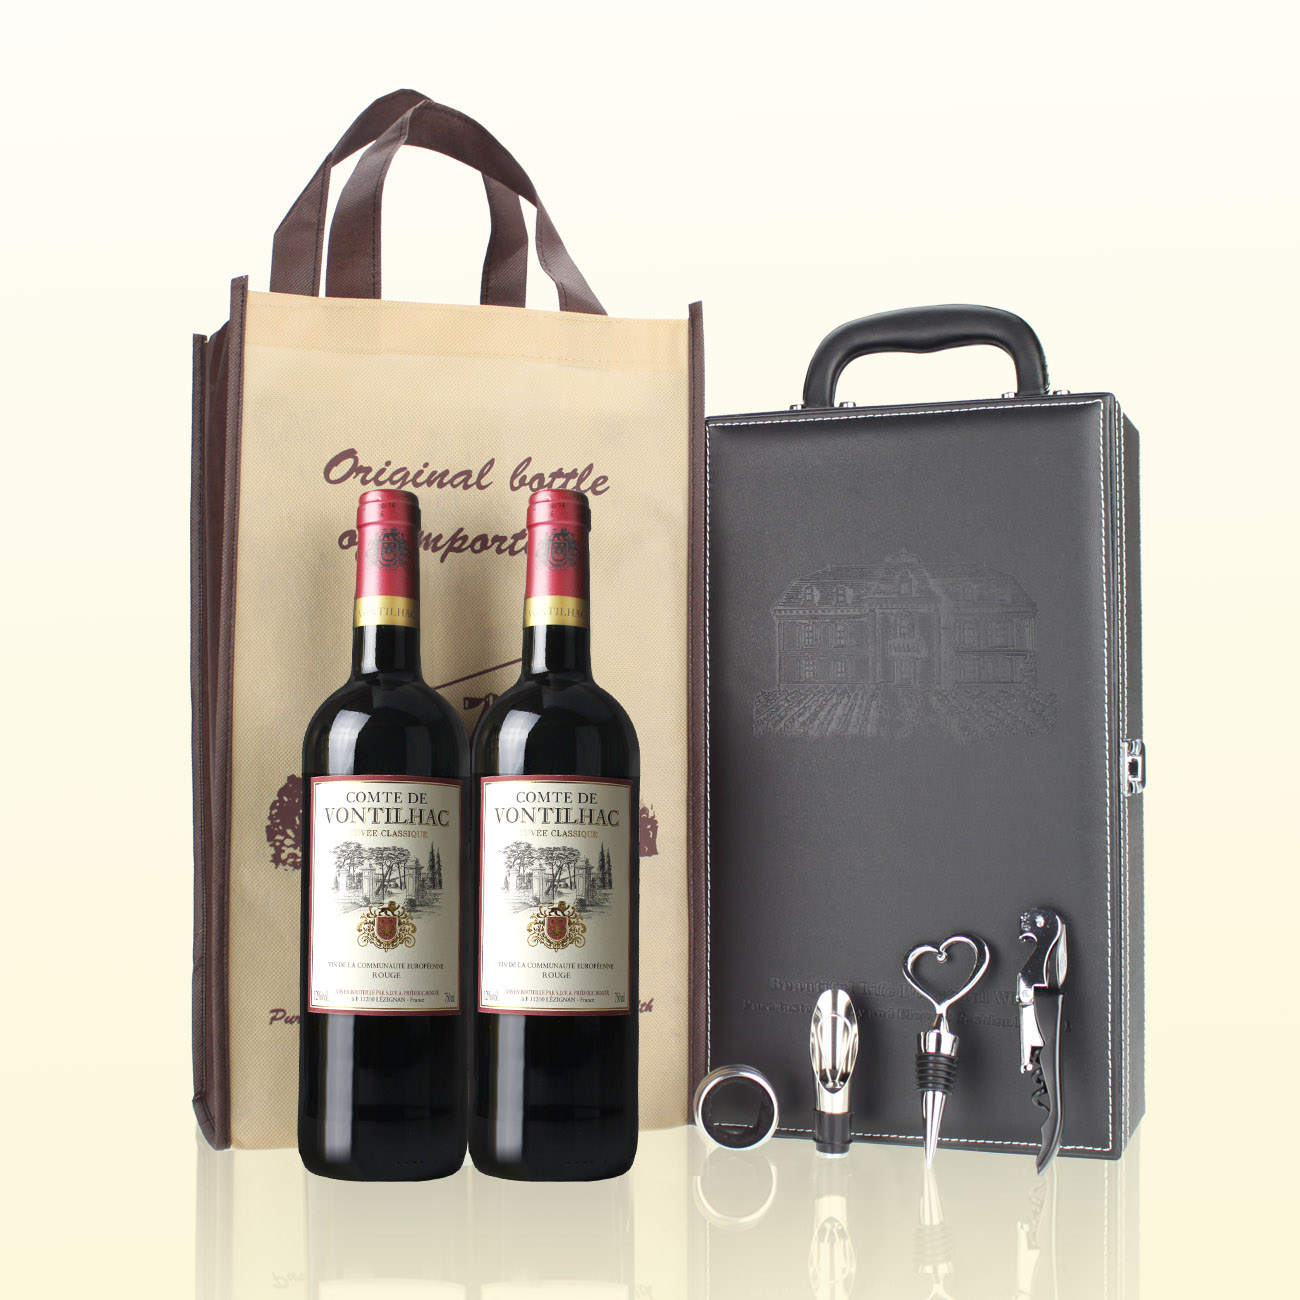 店庆!法国进口红酒 梵帝雅干红葡萄酒 红酒礼盒装 包邮送礼品酒